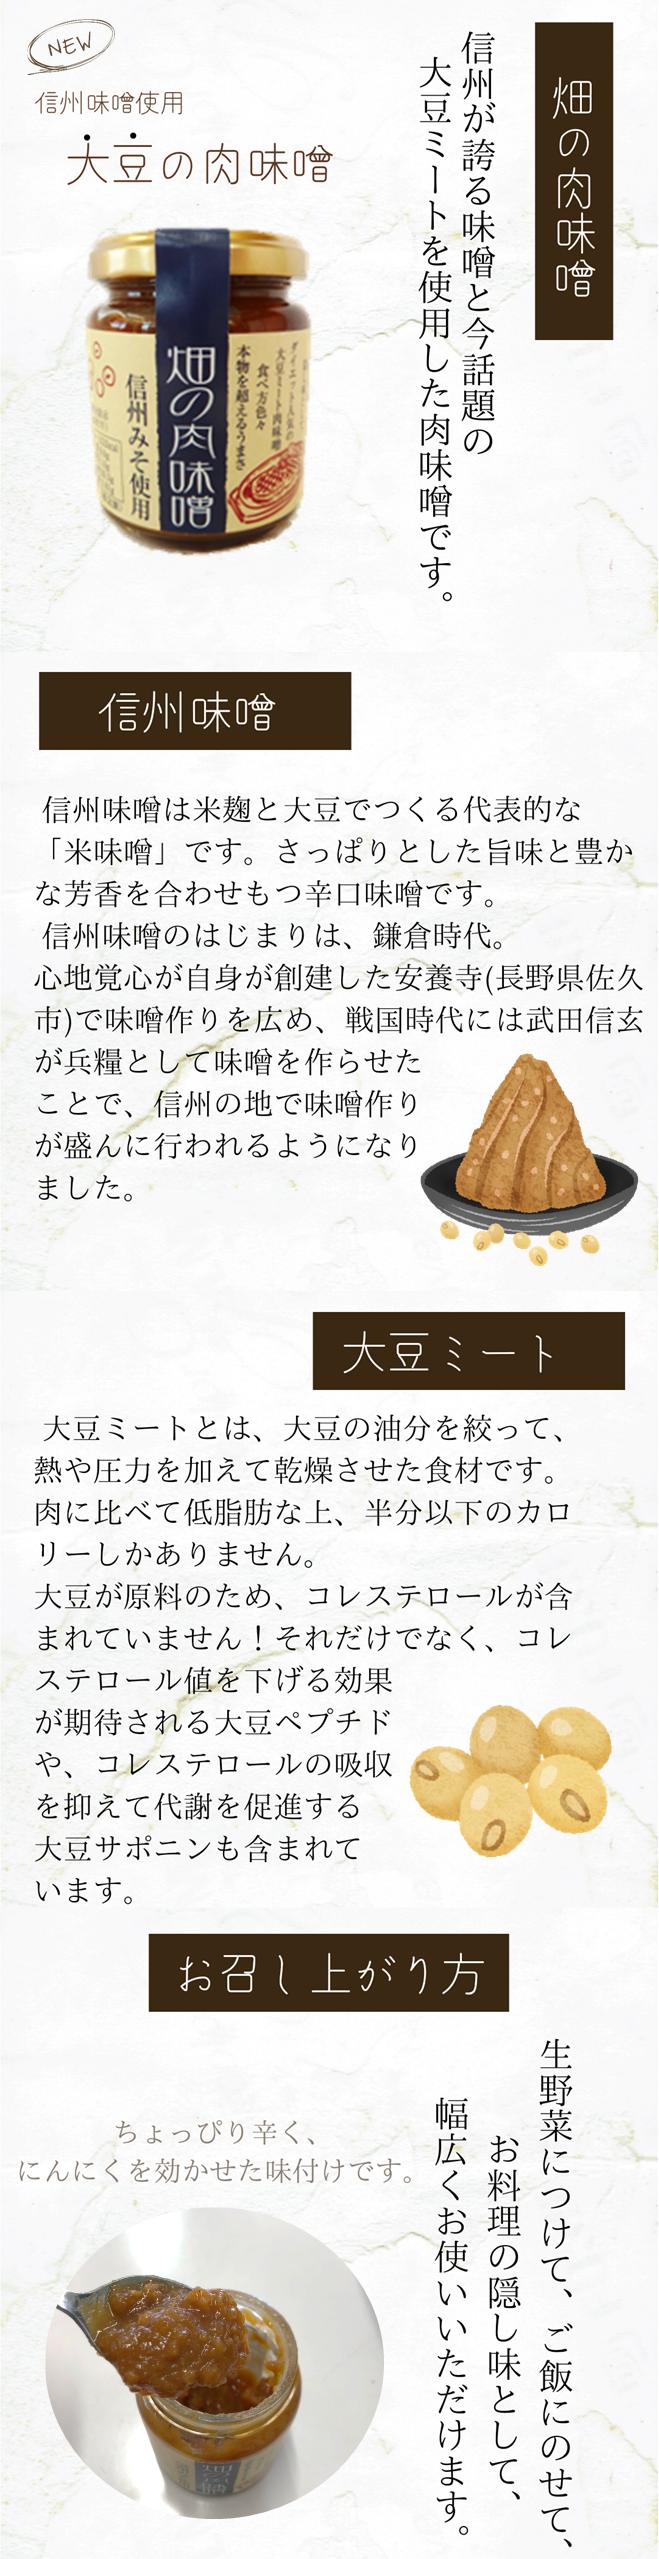 畑の肉みそ 信州味噌 大豆ミート